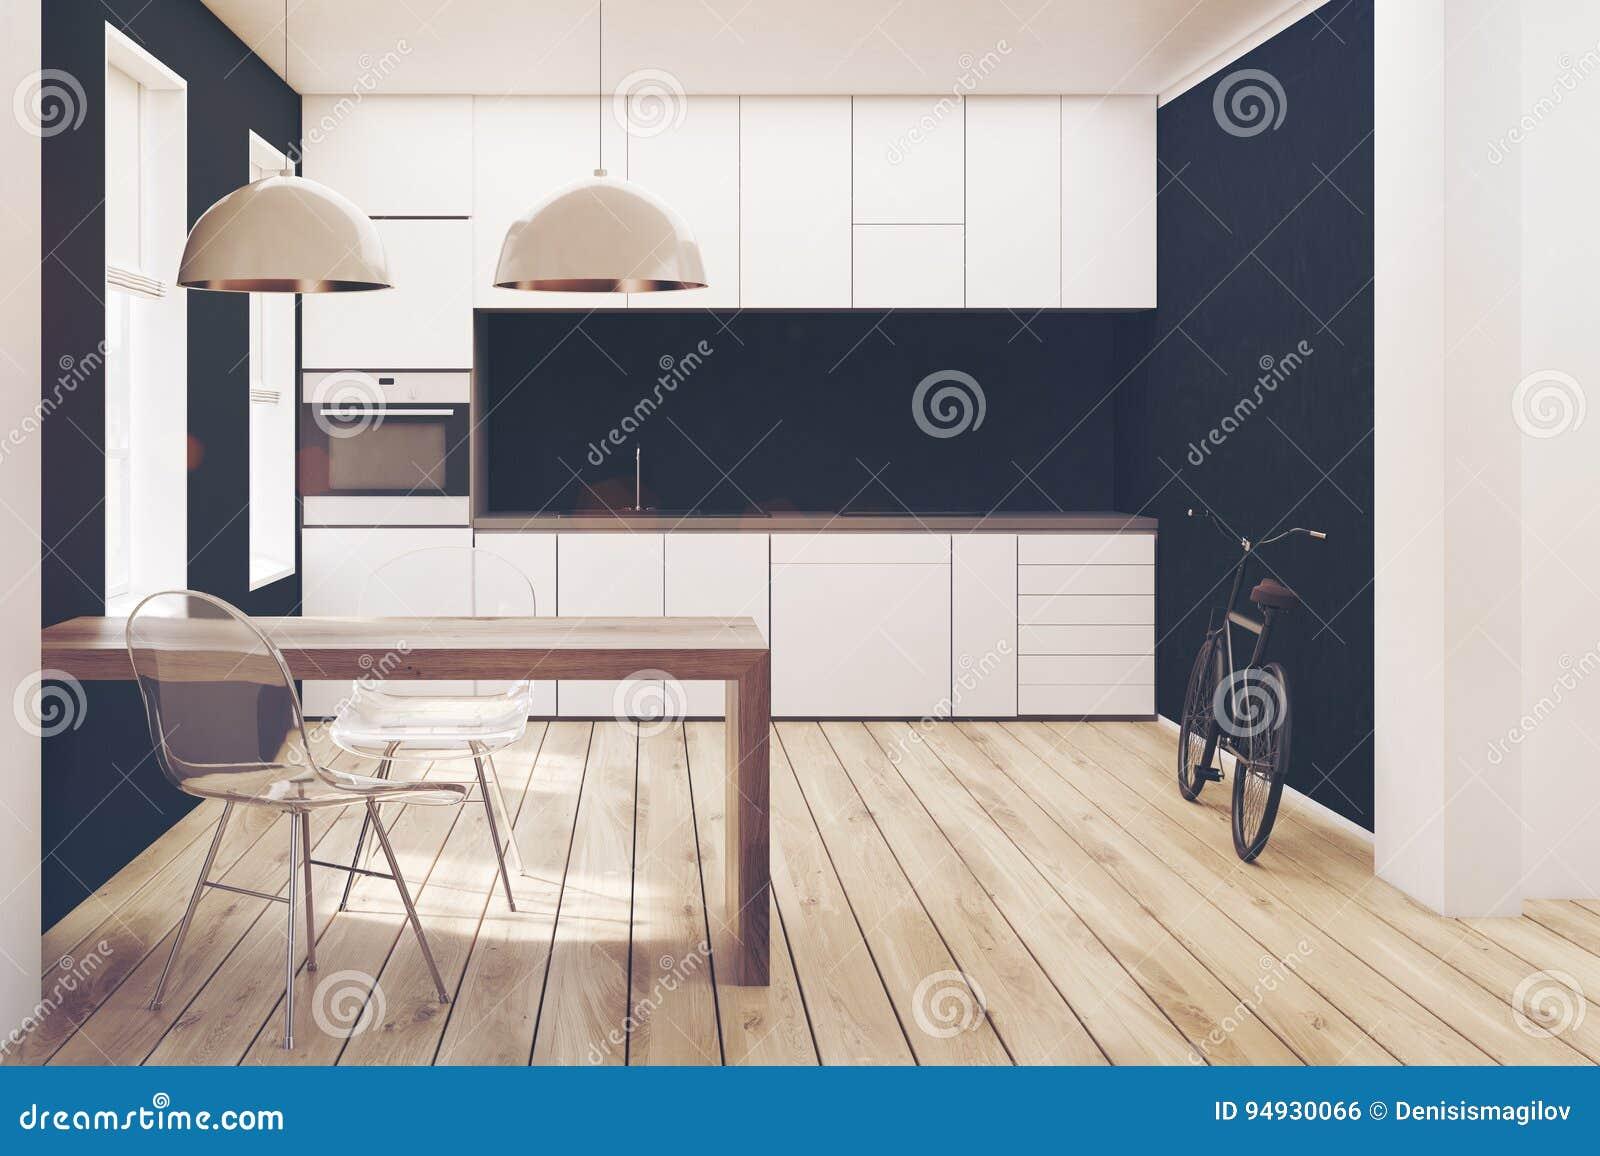 Zeer Witte En Zwarte Keuken, Houten Gestemde Vloer Stock Illustratie @QB91